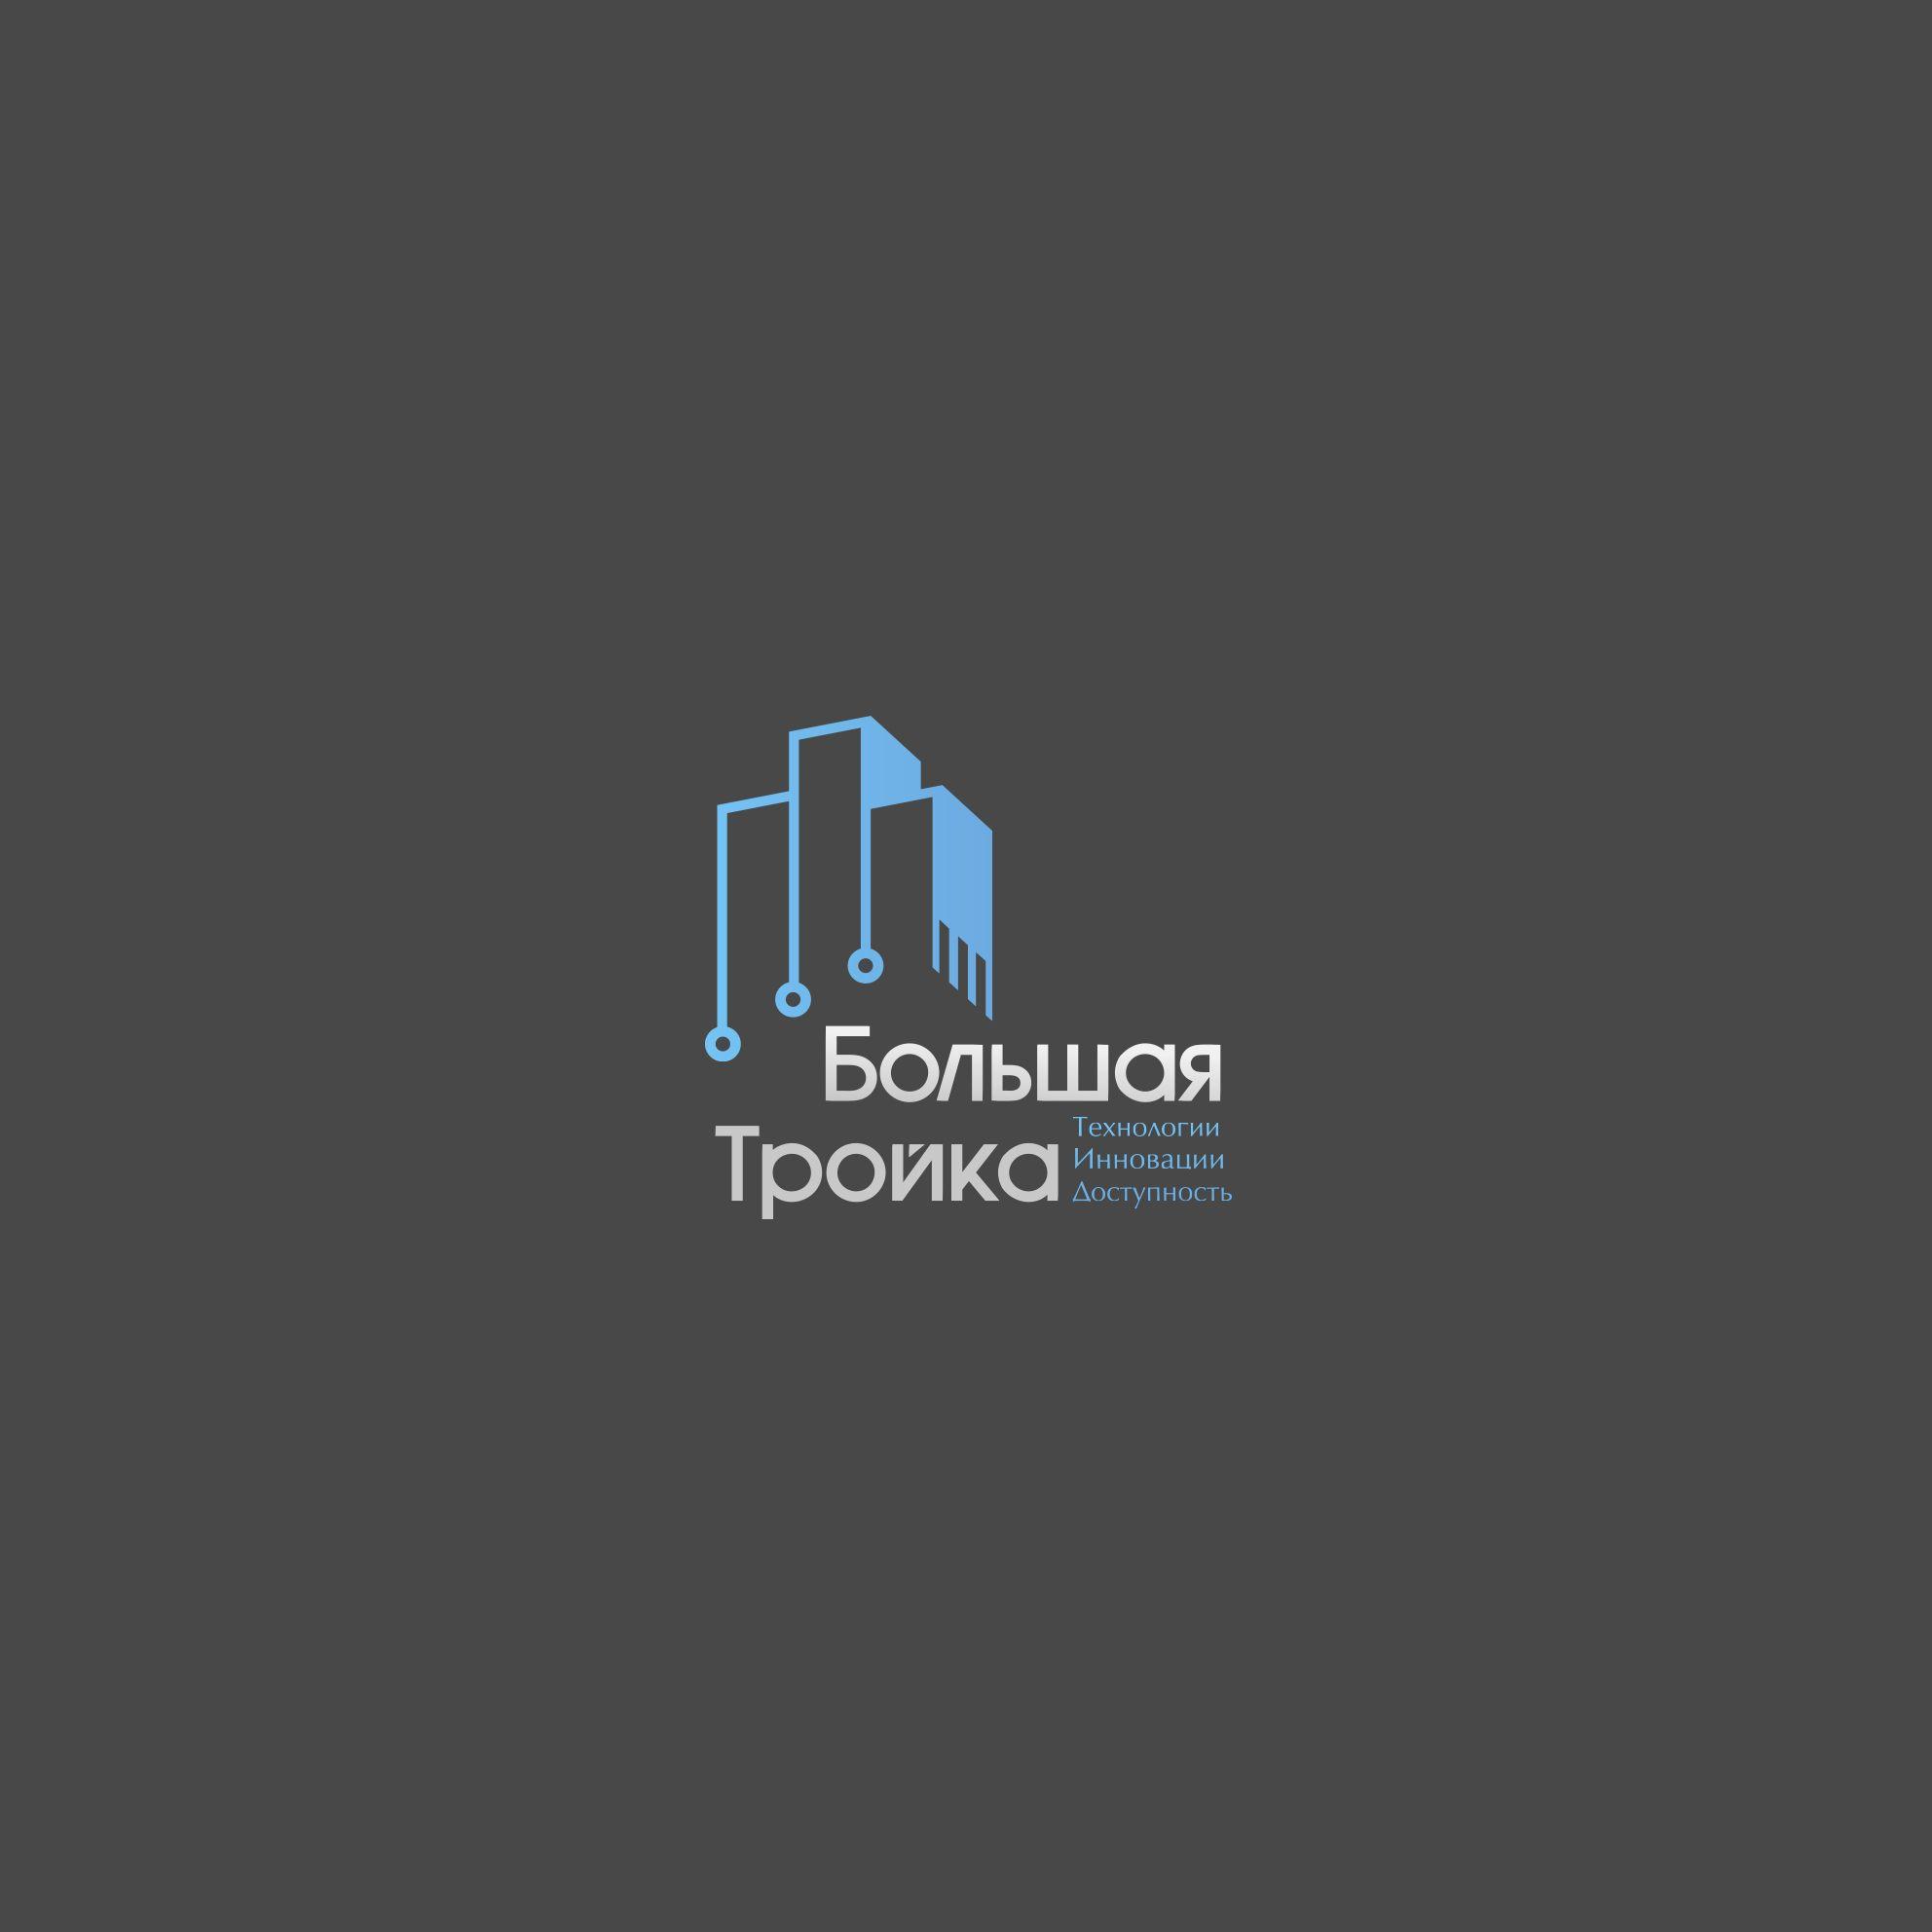 Логотип инновационной компании Большая Тройка - дизайнер mkravchenko